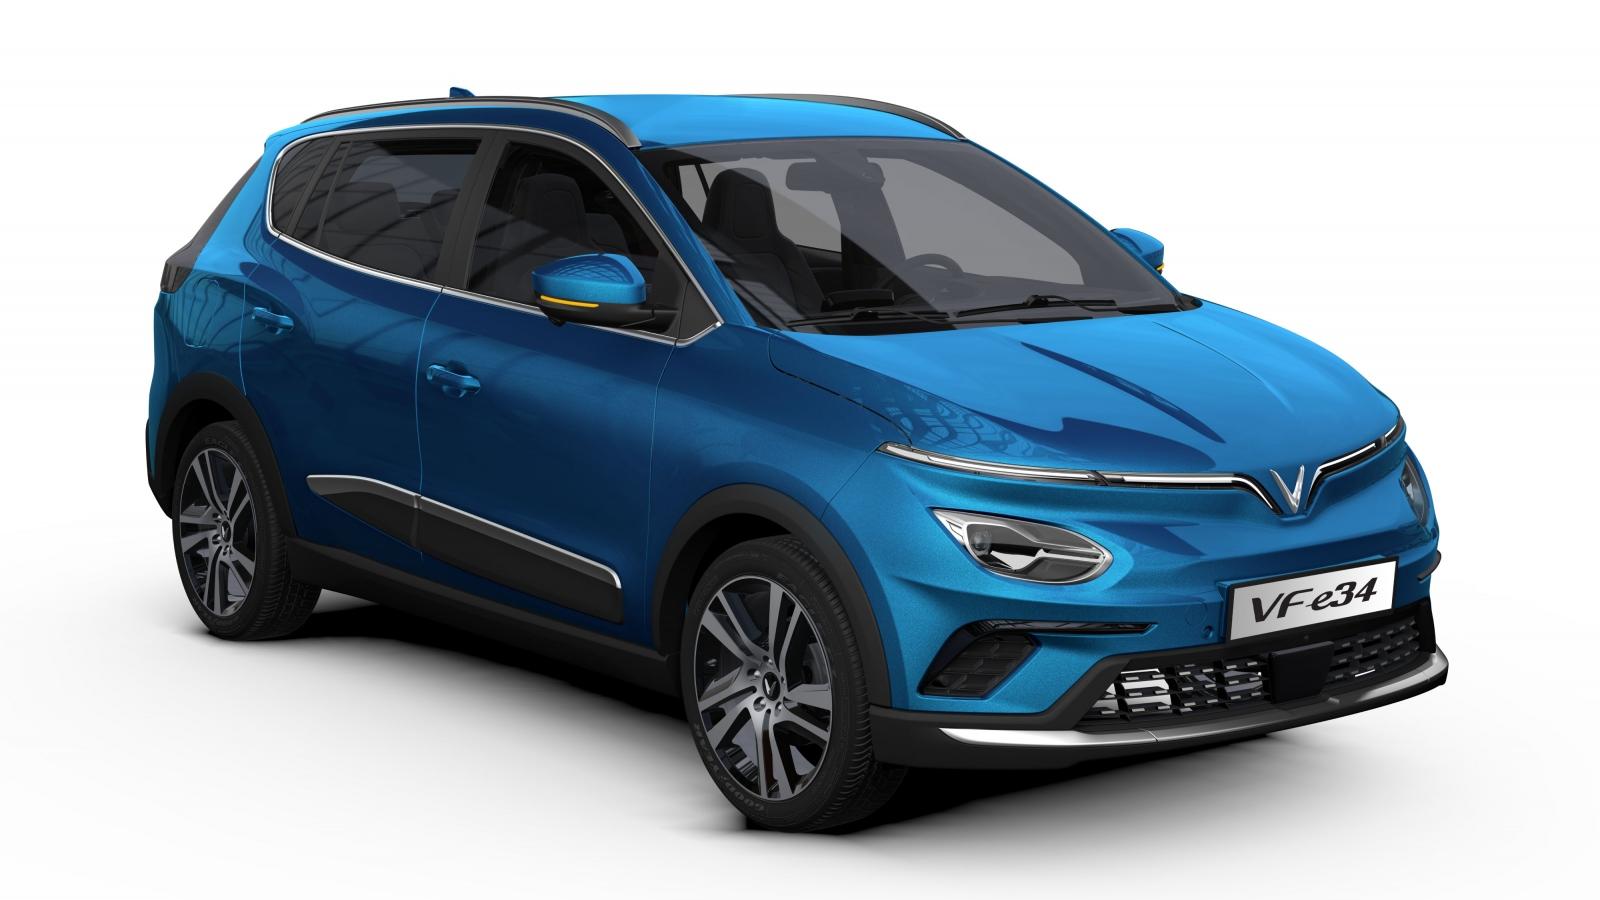 VinFast bất ngờ mở bán mẫu ô tô điện đầu tiên giá 690 triệu đồng